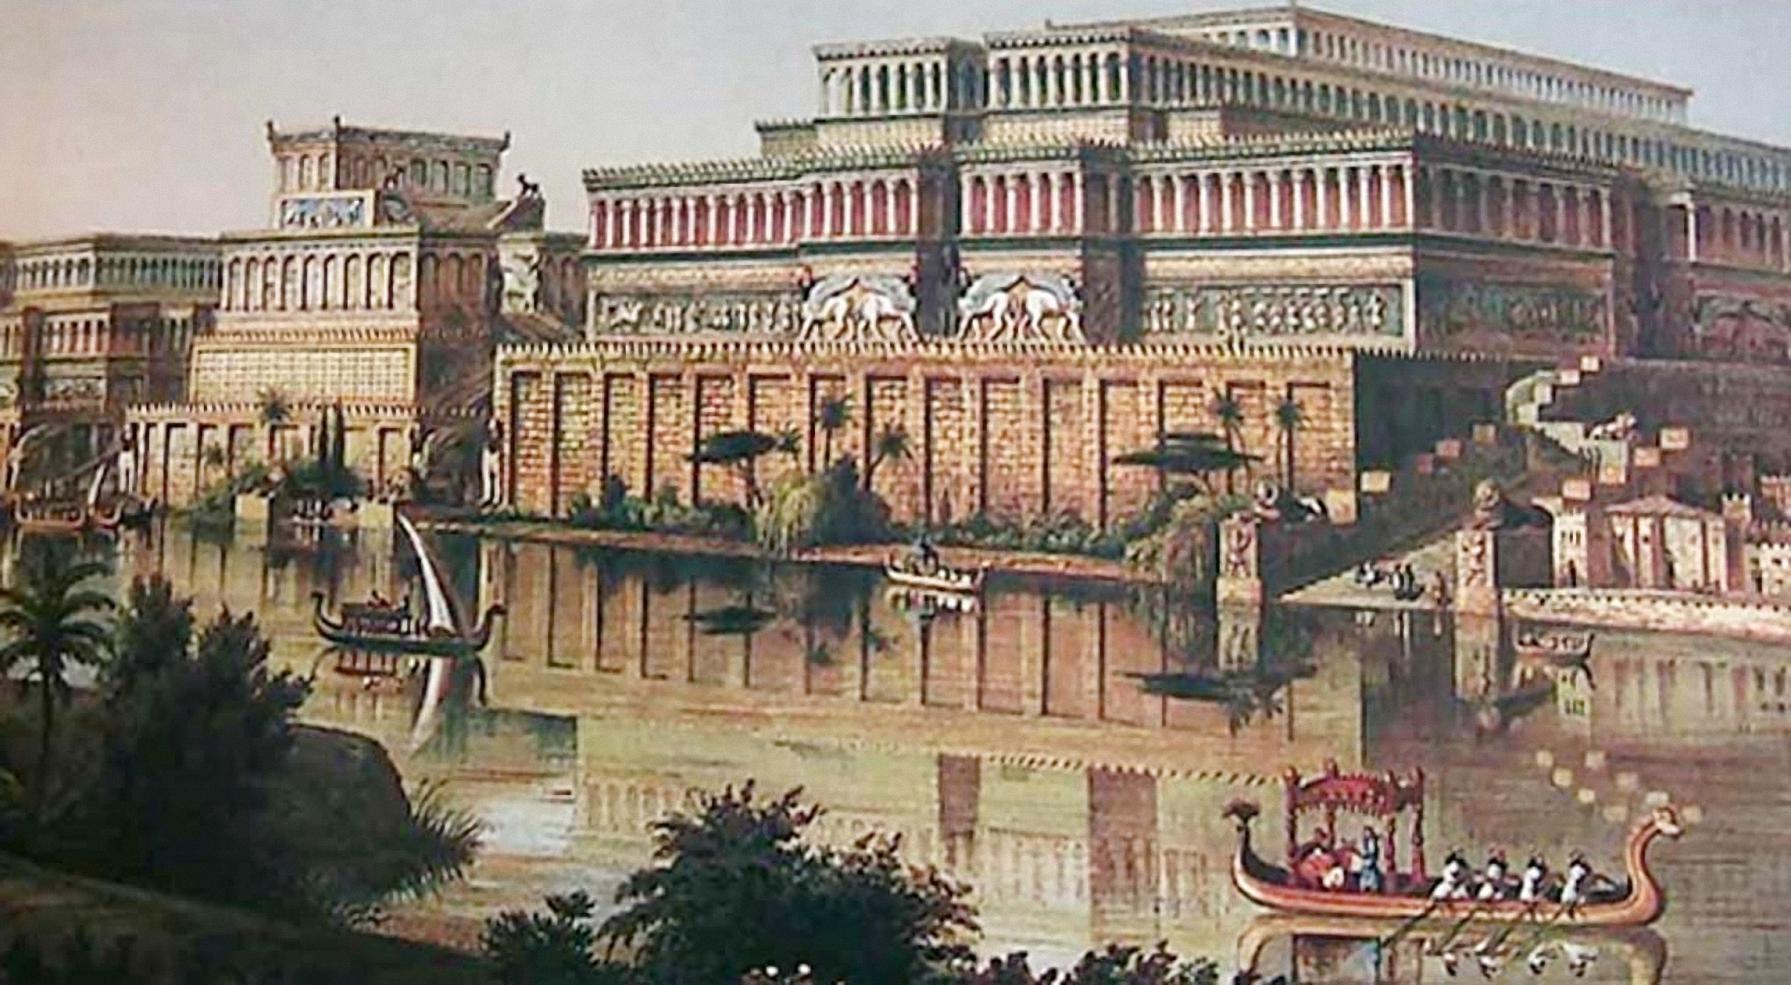 Cung điện của vua Ashurbanipal thời cổ đại. Ảnh: Ancient Origins.